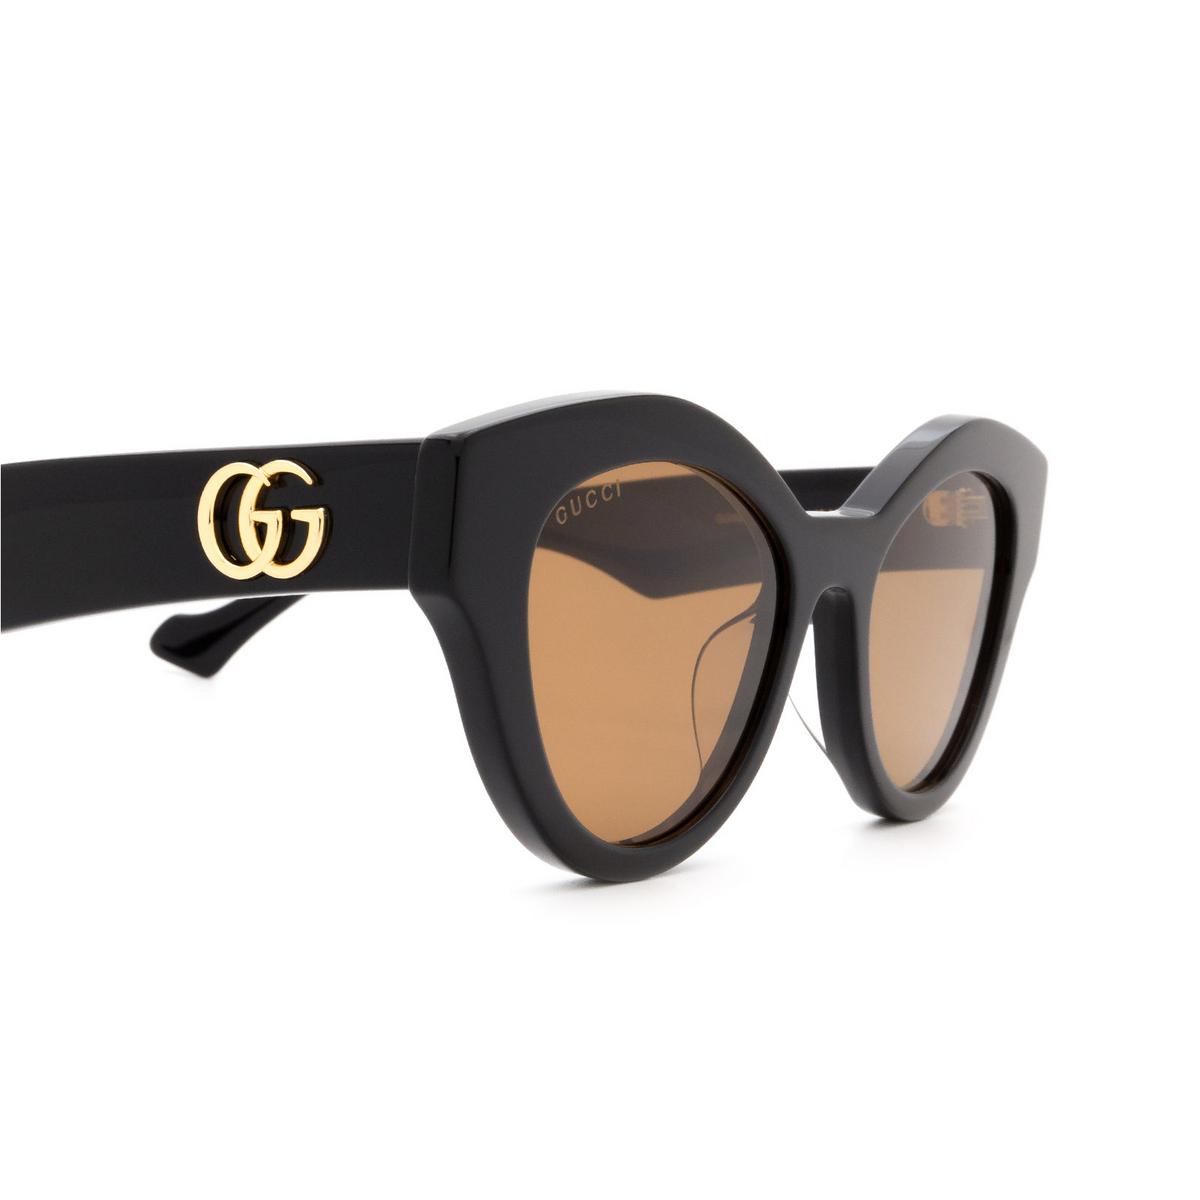 Gucci® Cat-eye Sunglasses: GG0957S color Black 003 - 3/3.